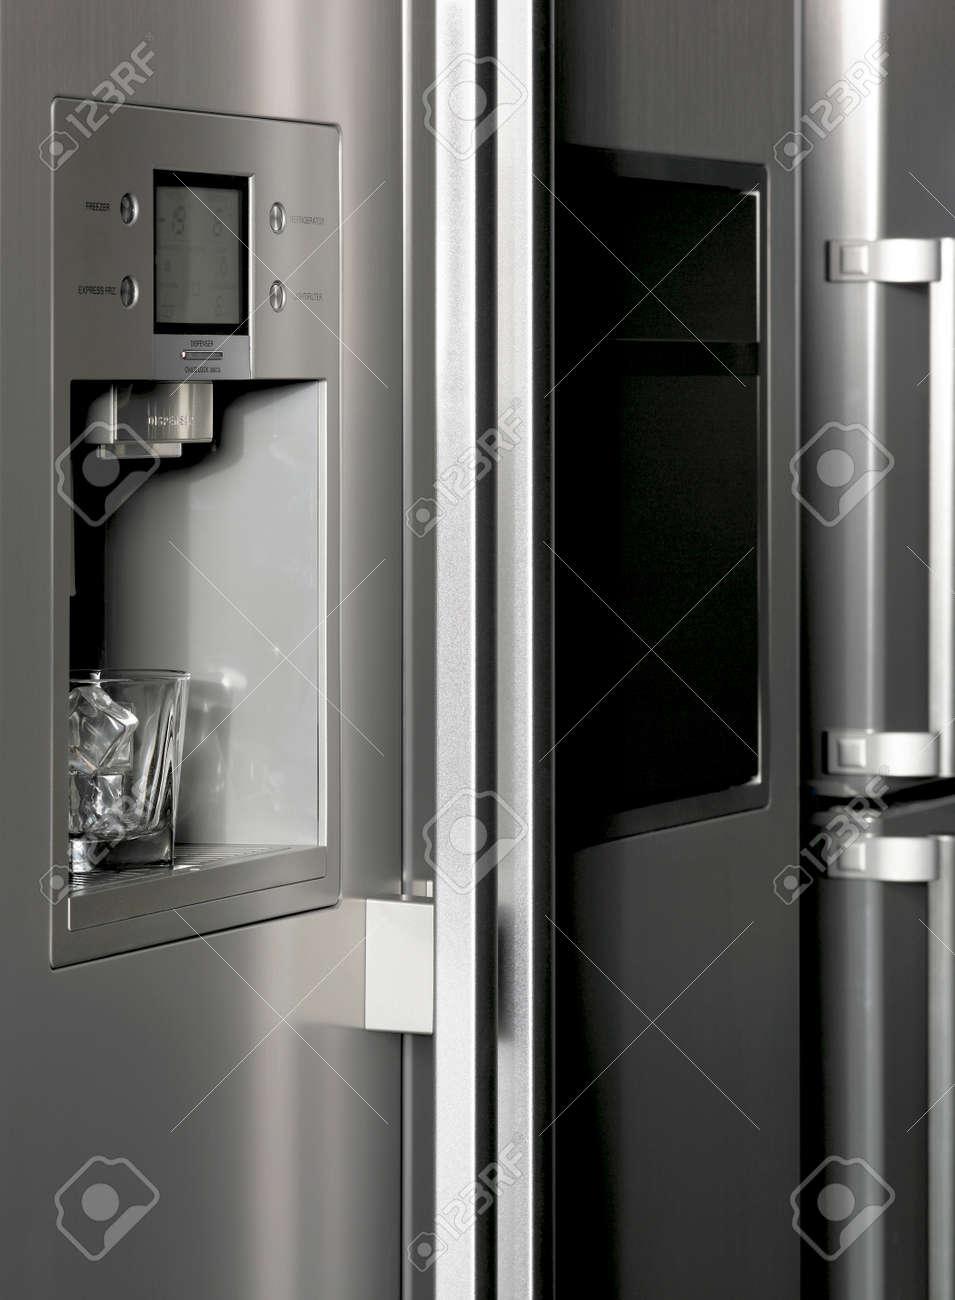 Kuhlschrank Mit Eiswurfelspender Detail Und Glas Vertikale